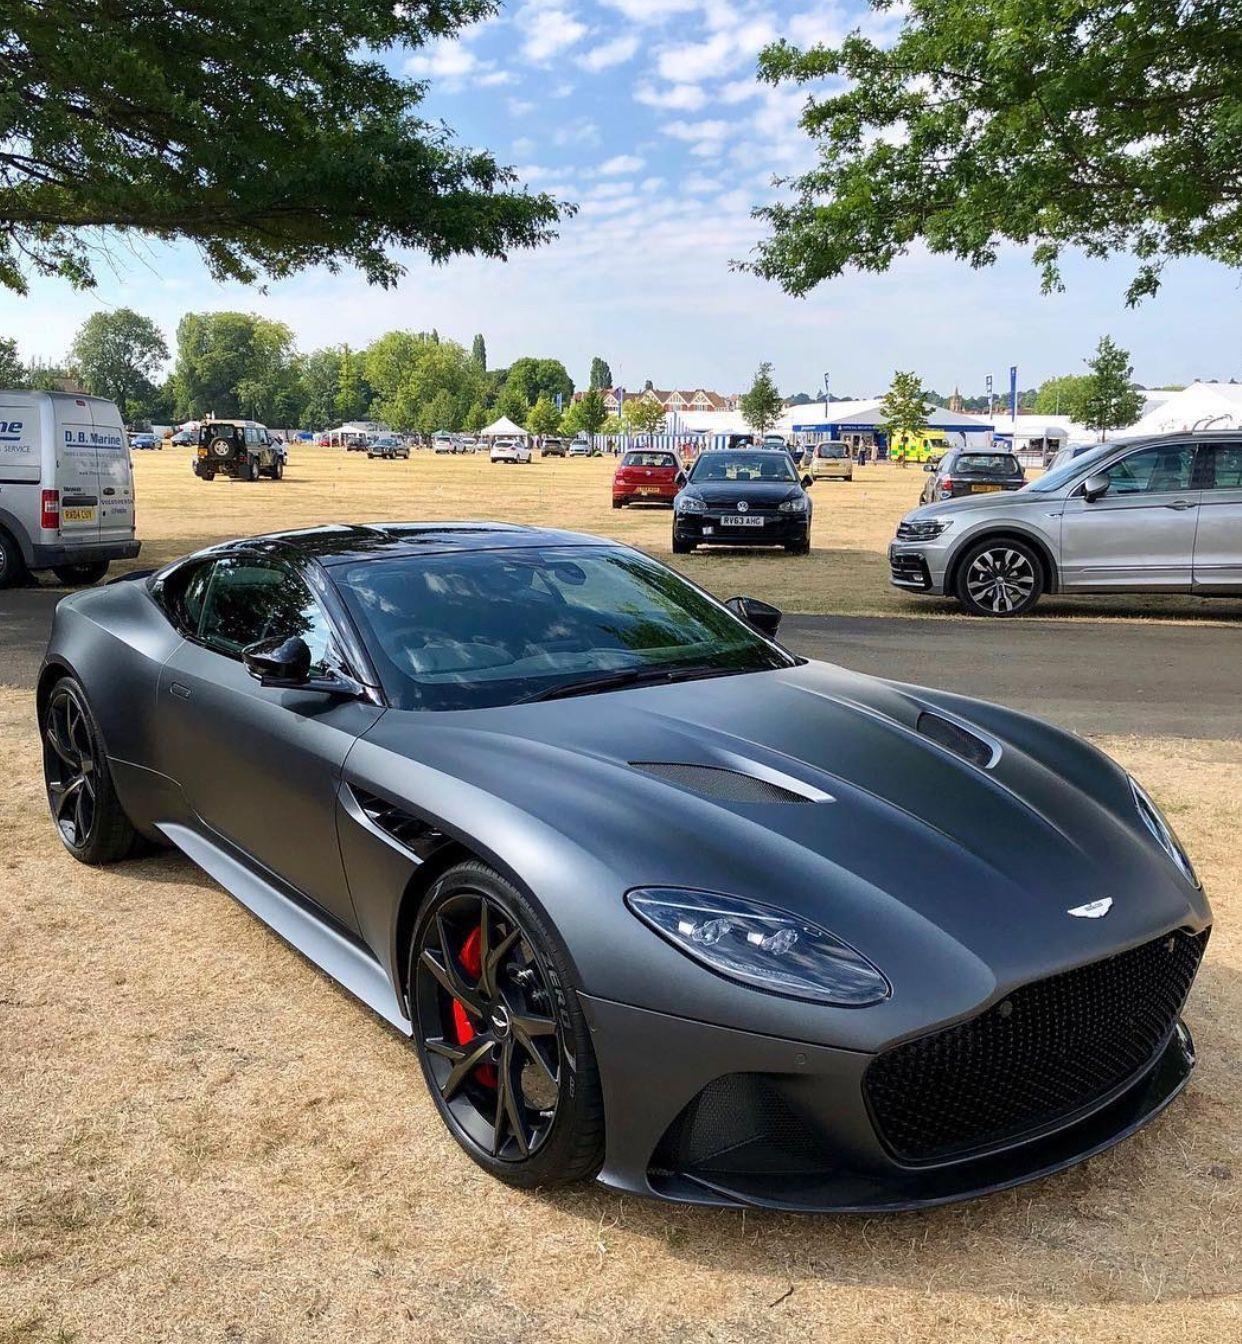 Aston Martin DBS Superleggera – 2018